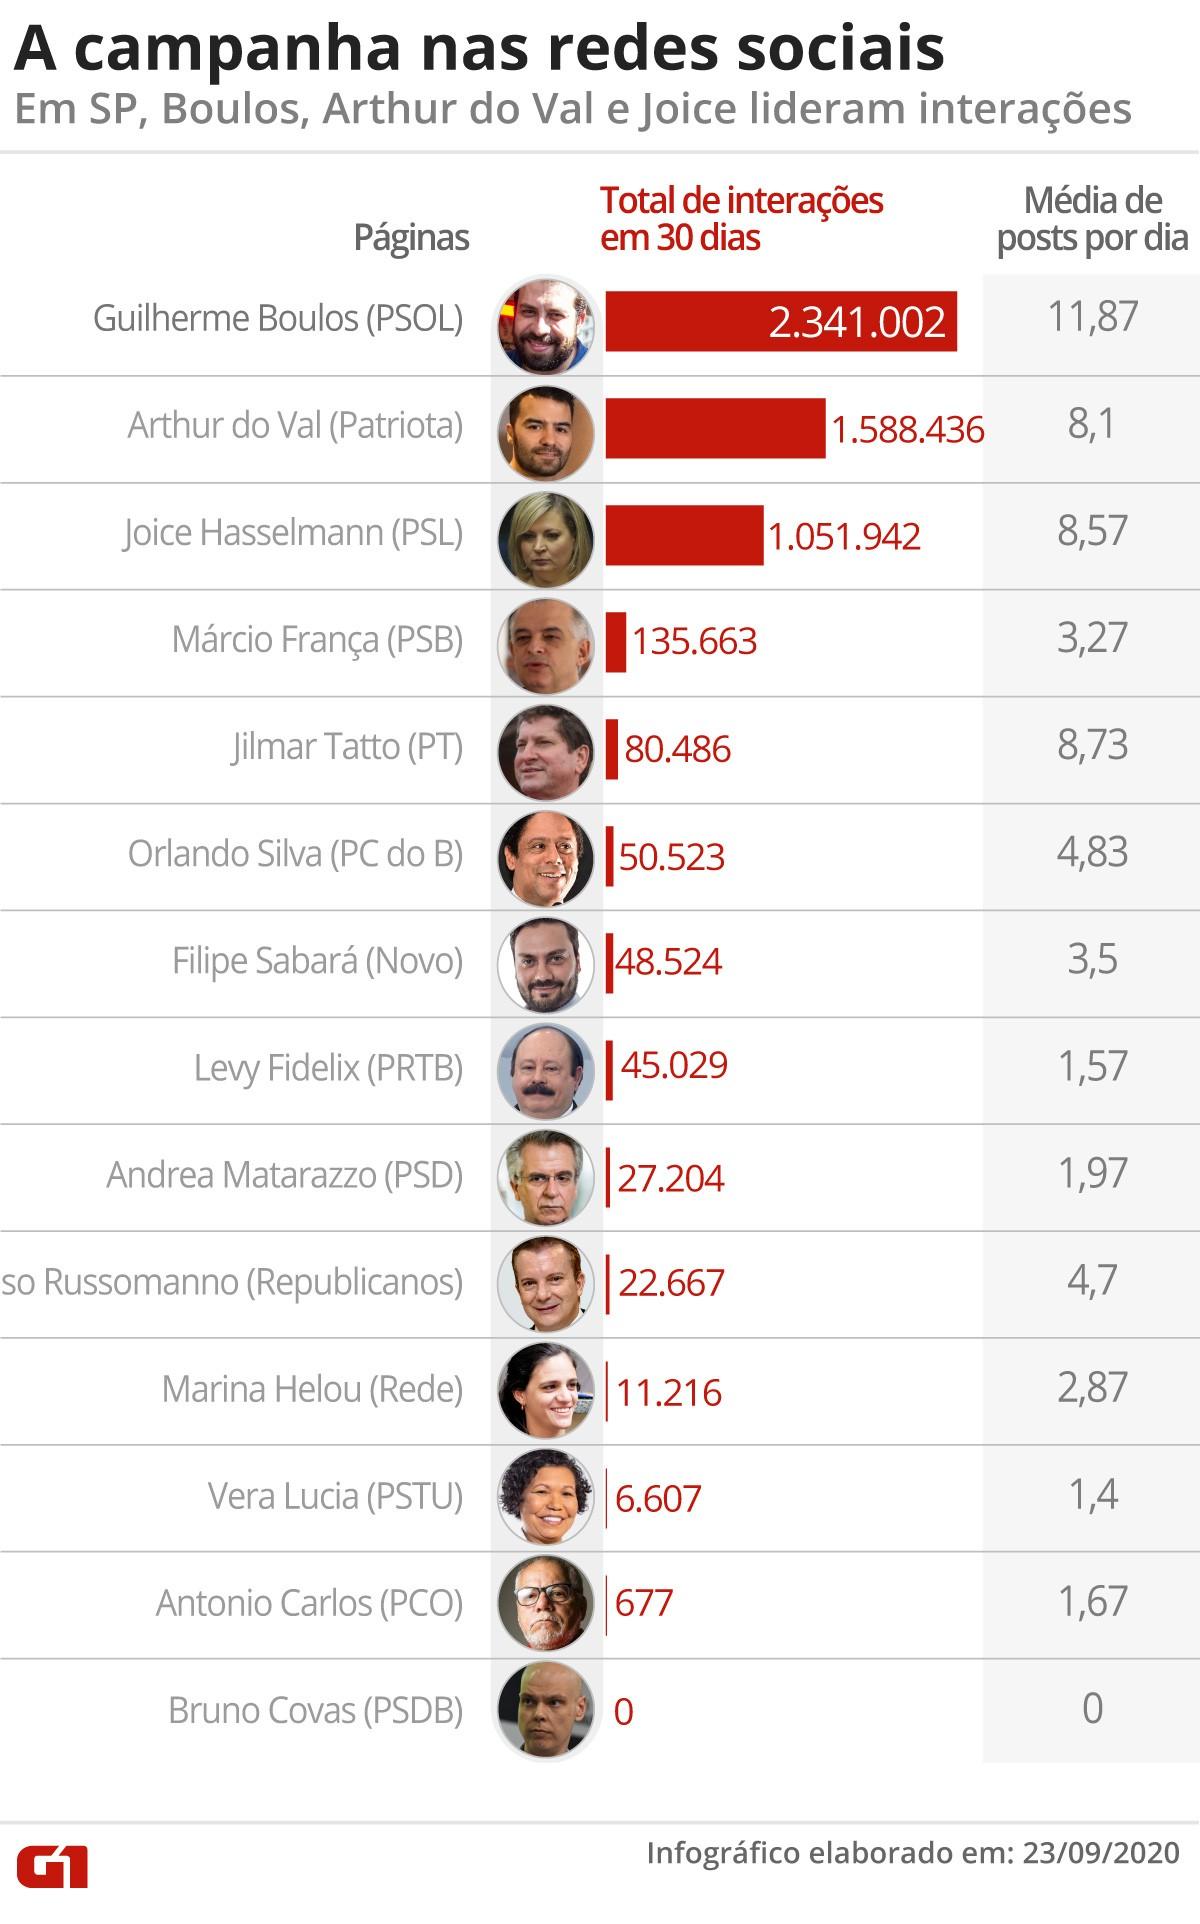 Candidatos a prefeito em SP somam 5,4 milhões de interações em rede social no último mês; número é quatro vezes o registrado no Rio